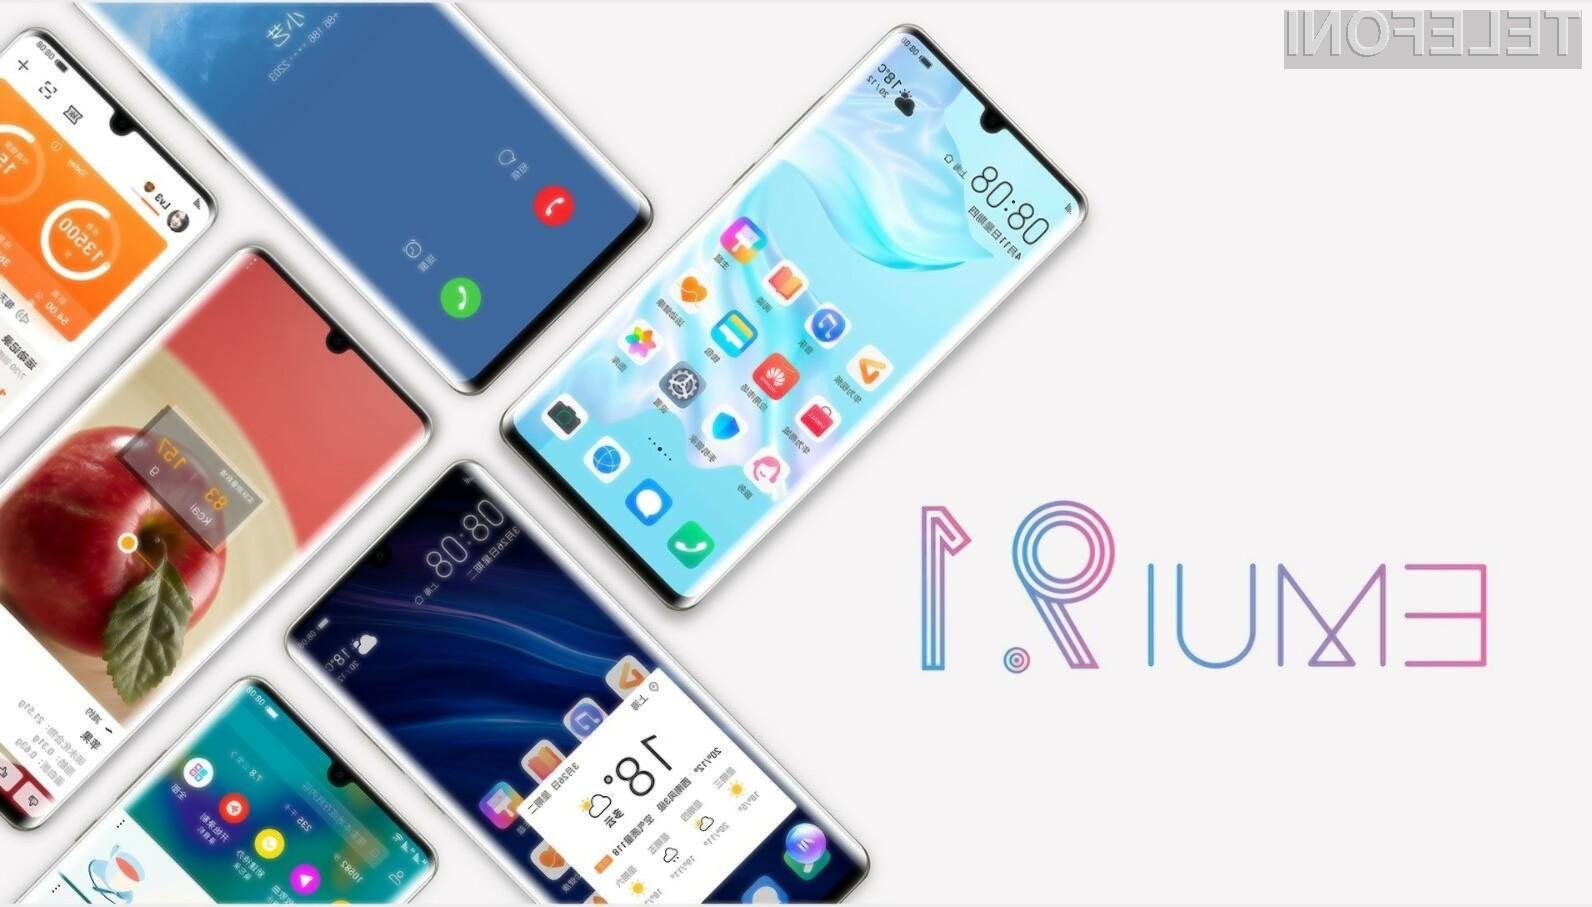 Novi mobilni operacijski sistem EMUI 9.1 bo skupno prejelo kar 49 mobilnih naprav Huawei.